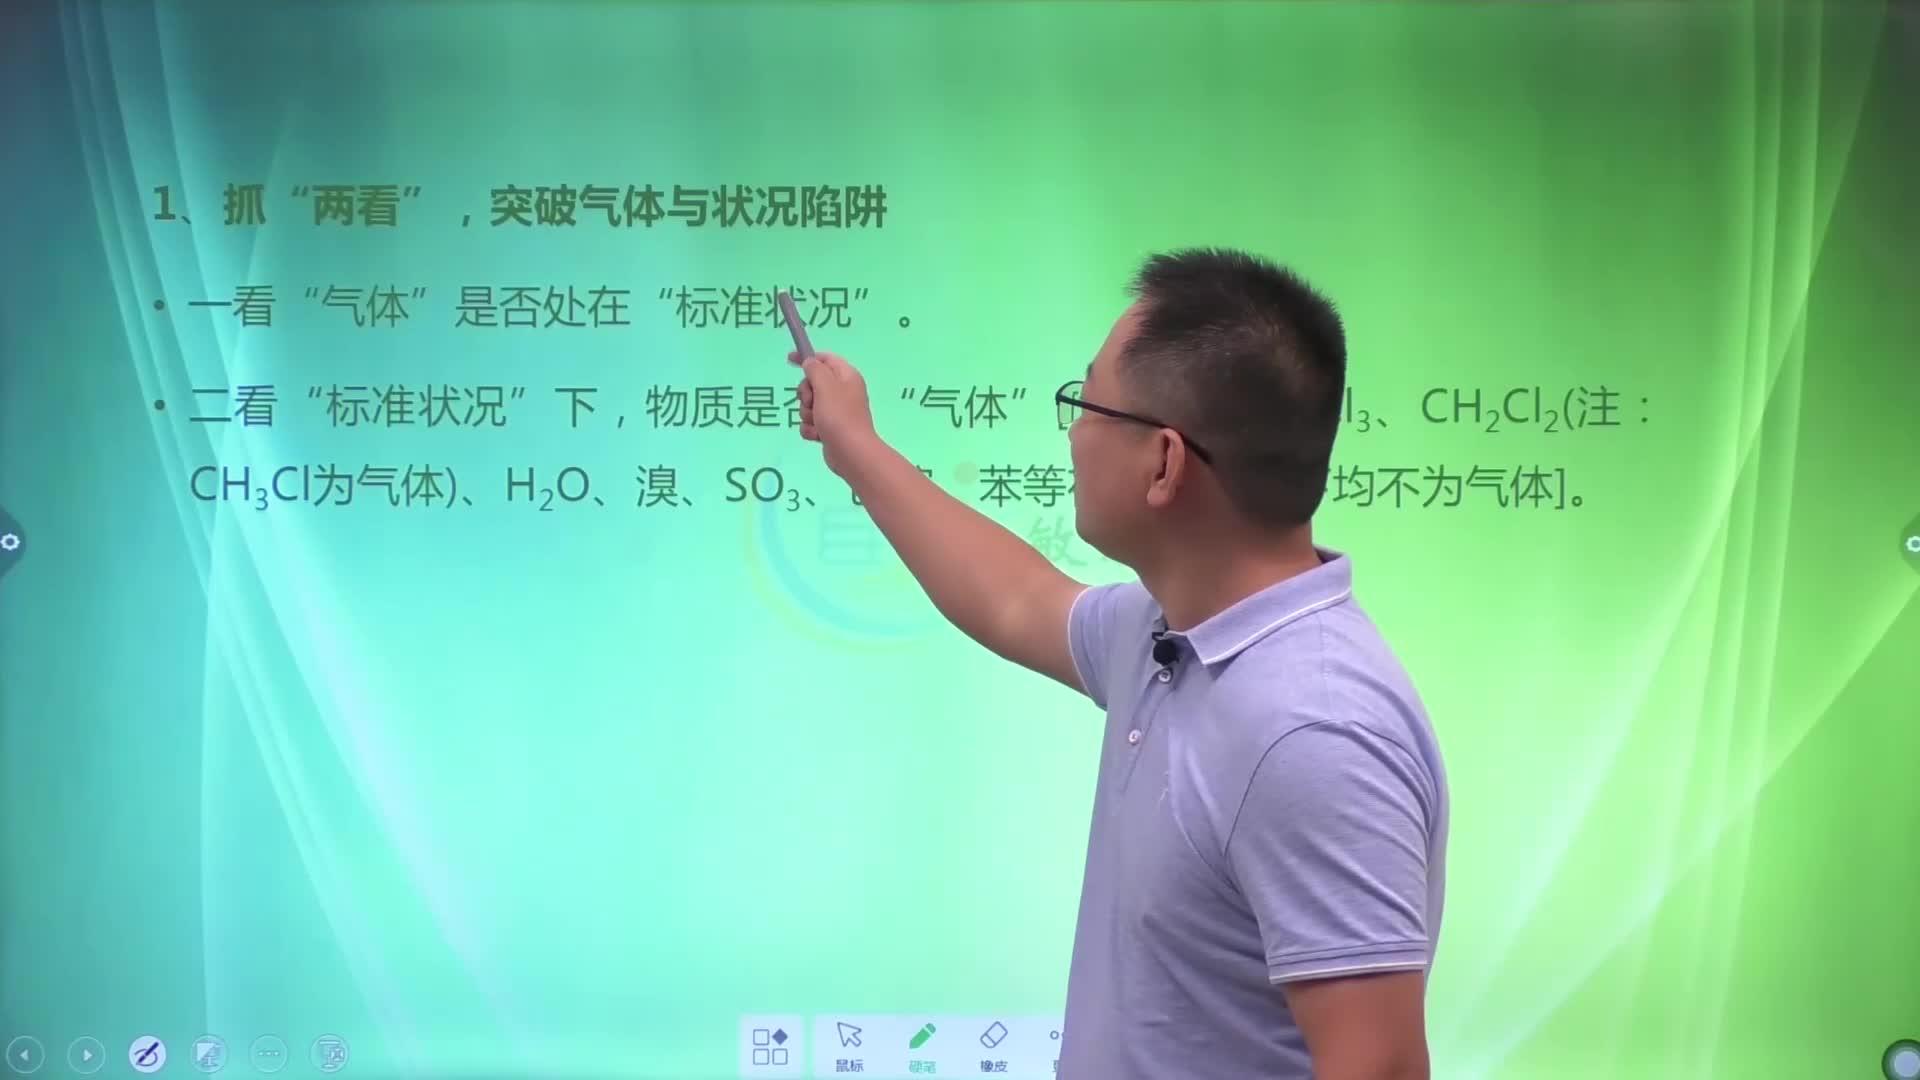 视频01 突破阿伏伽德罗常数应用陷阱-直击2020高考化学